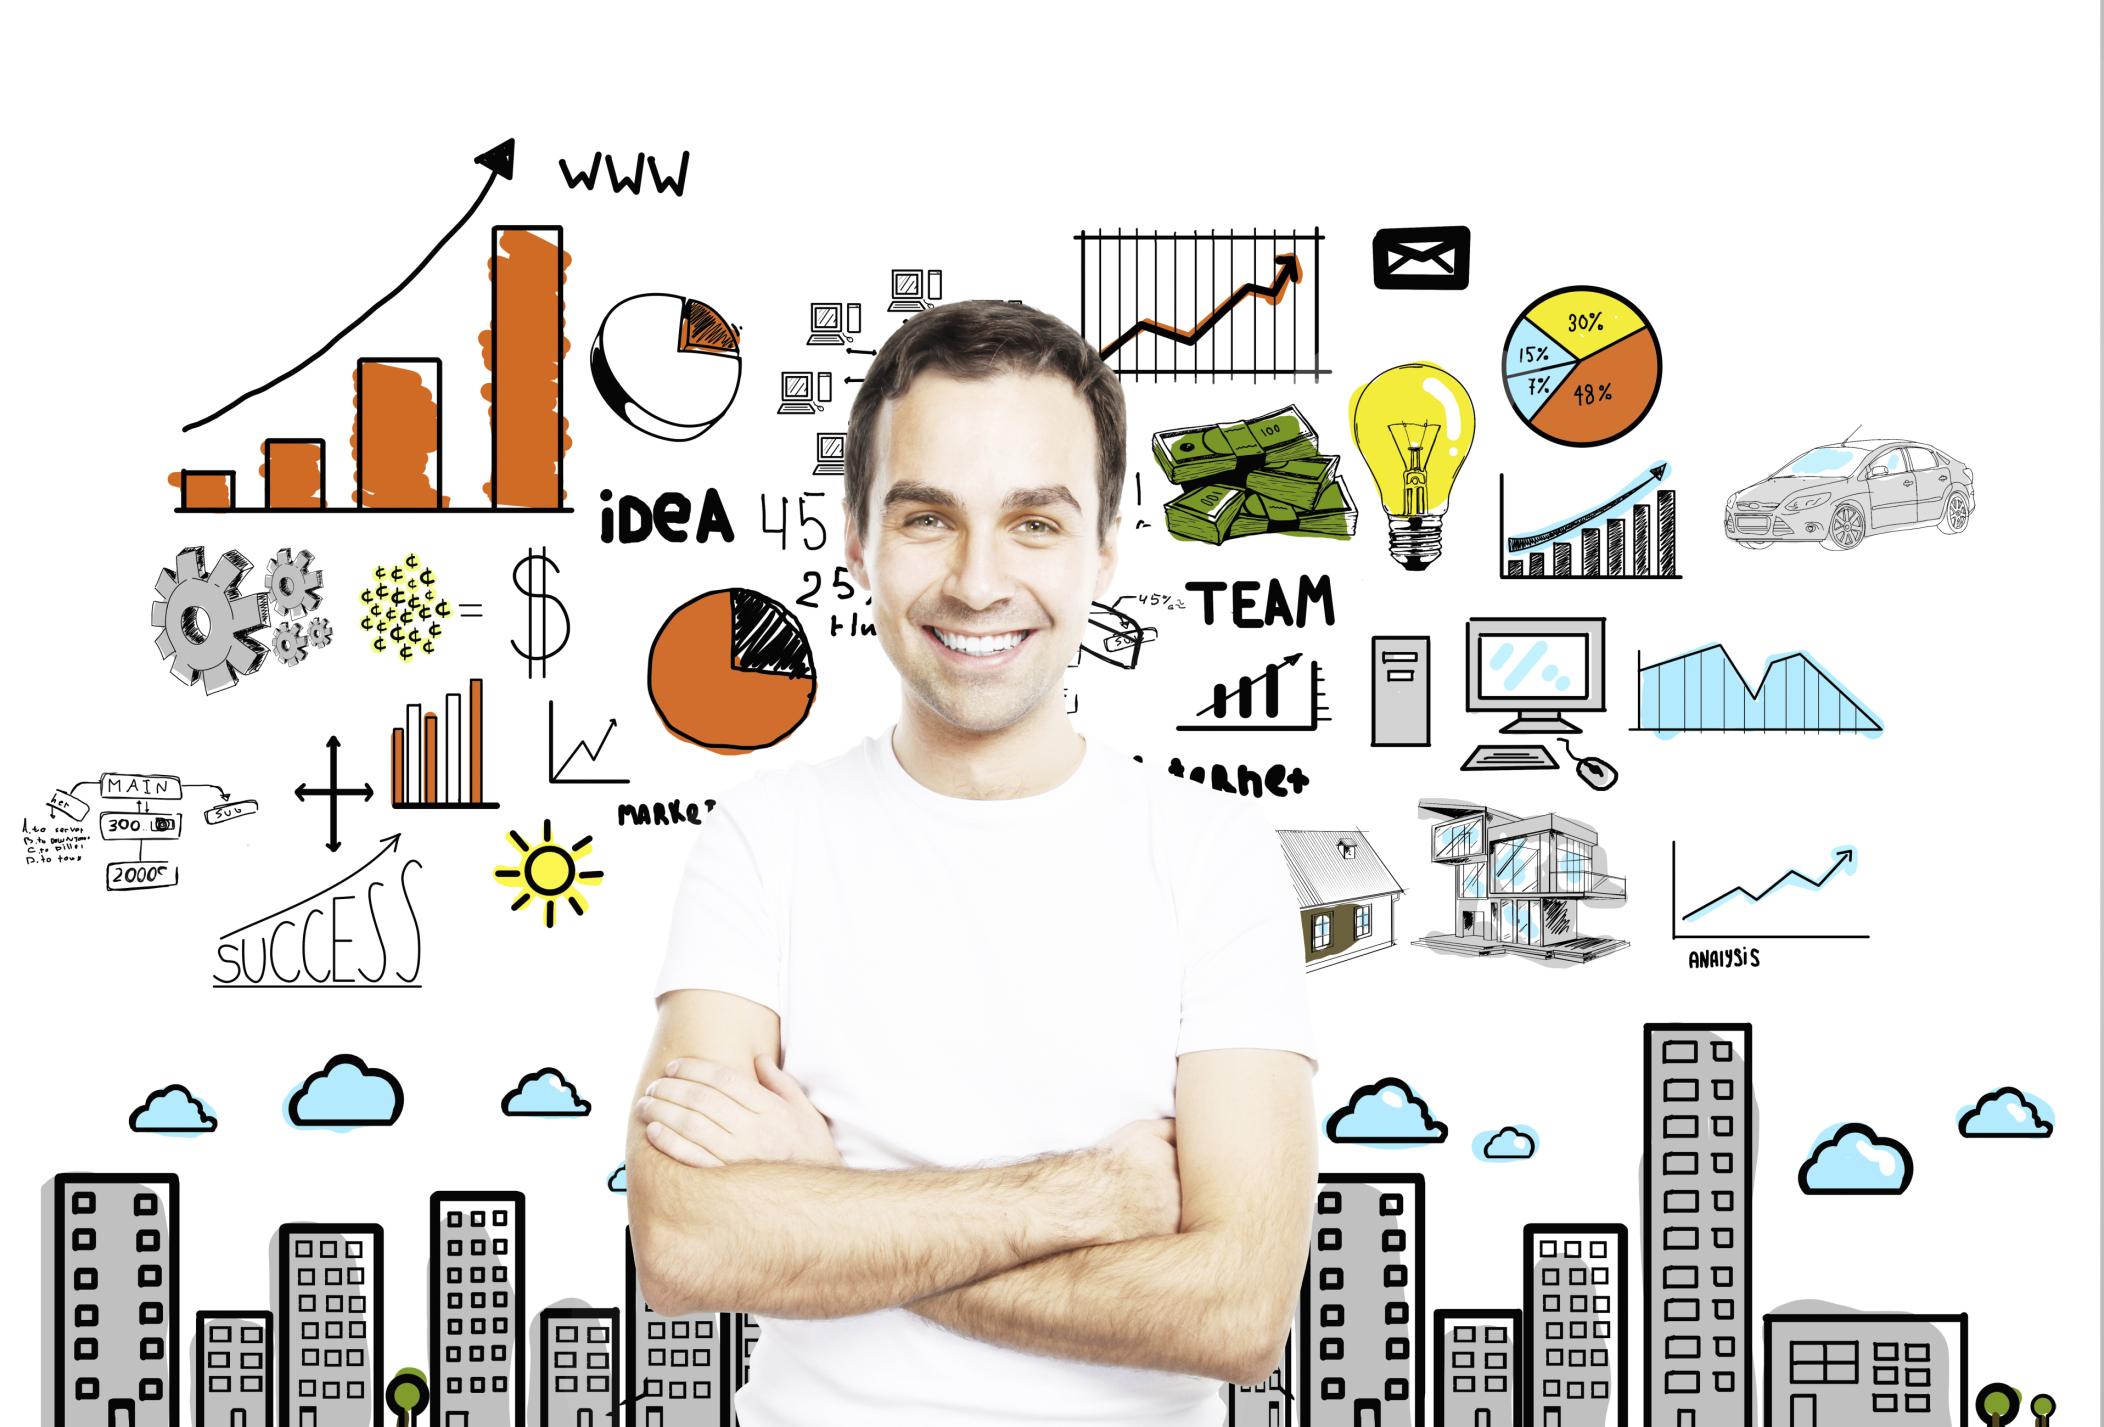 برنامه بازاریابی و فروش - برنامه بازاریابی - برنامه فروش